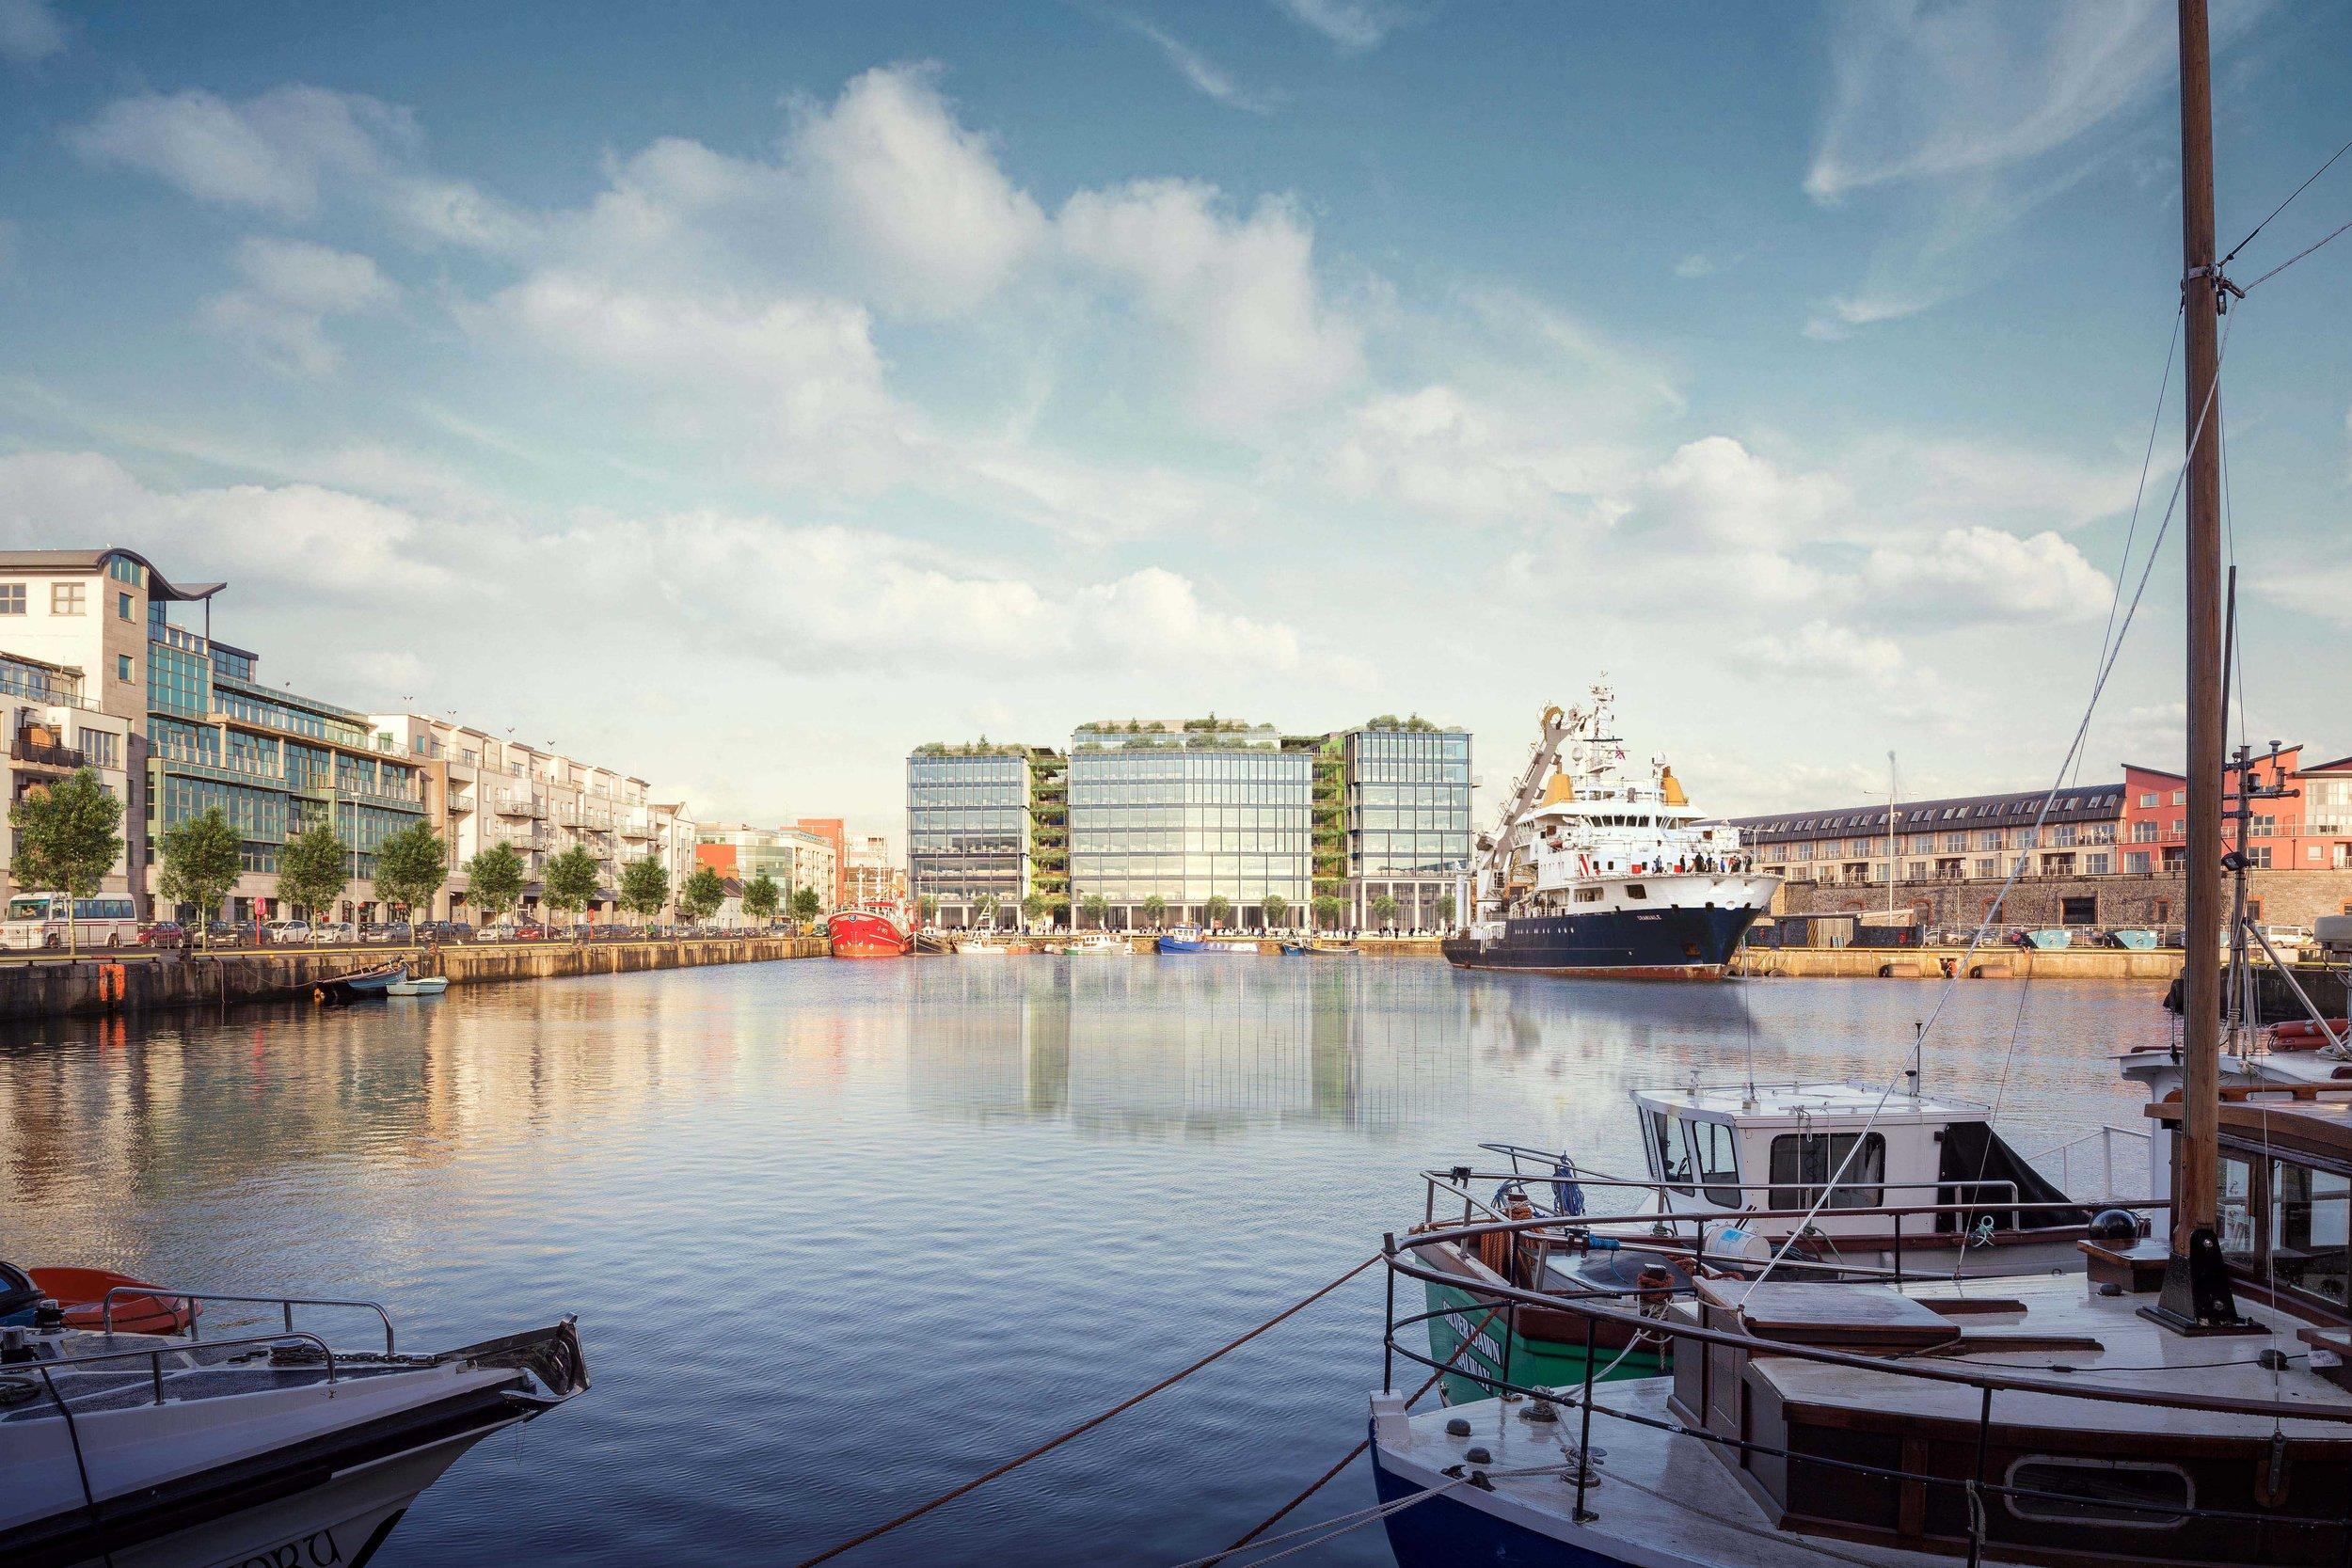 Bonham Quay - 01 - Harbour View.jpg